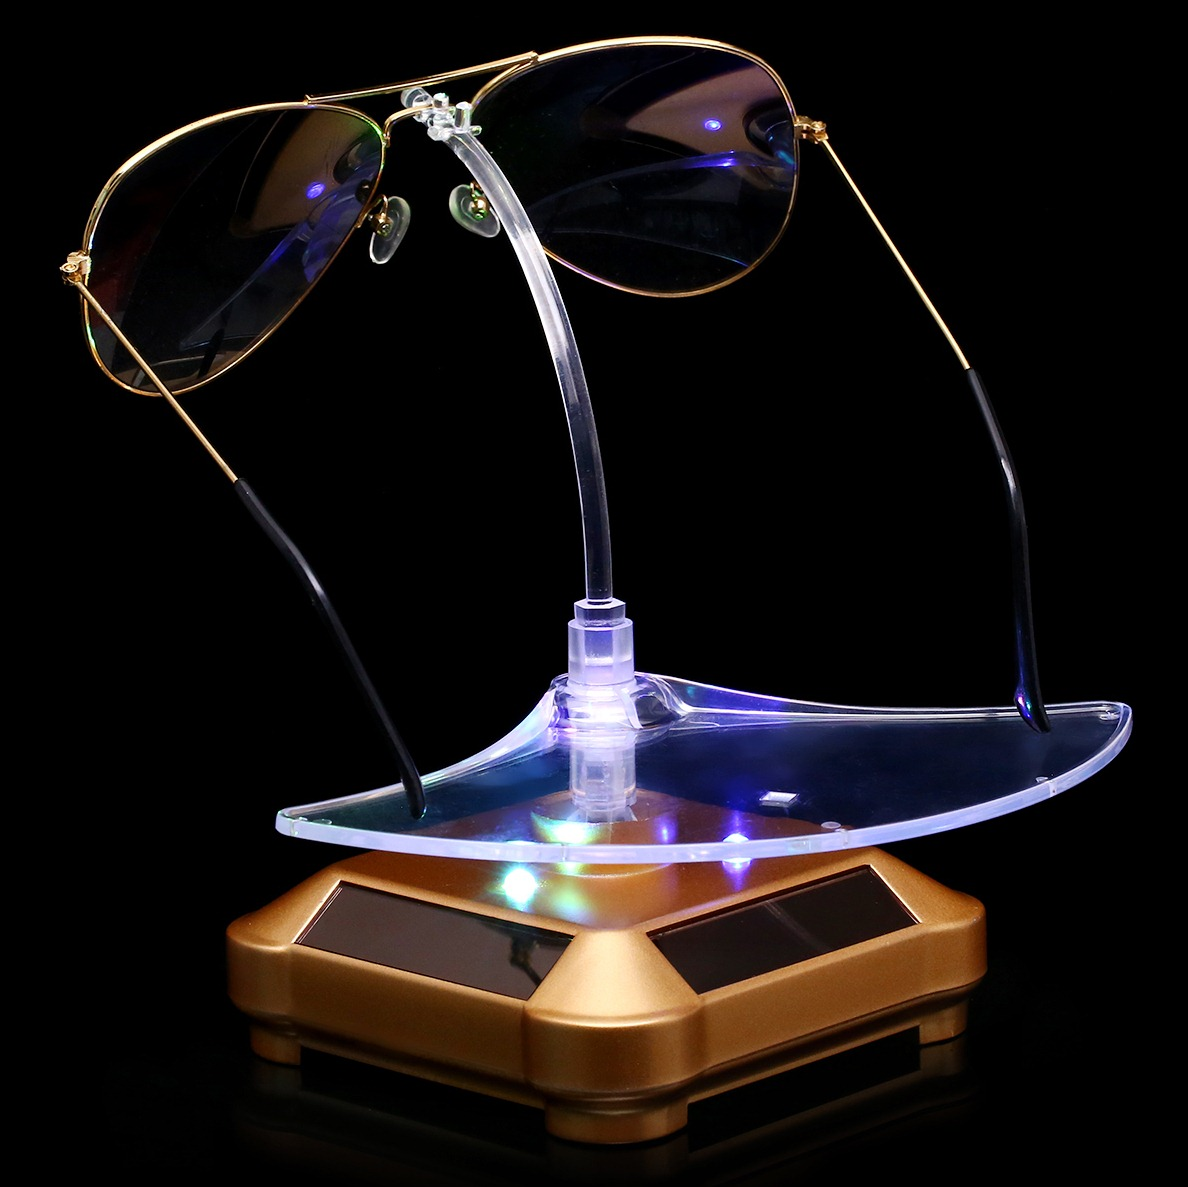 特卖货柜眼镜太阳能展示台 珠宝首饰品摆件旋转盘柜台 墨镜展示架